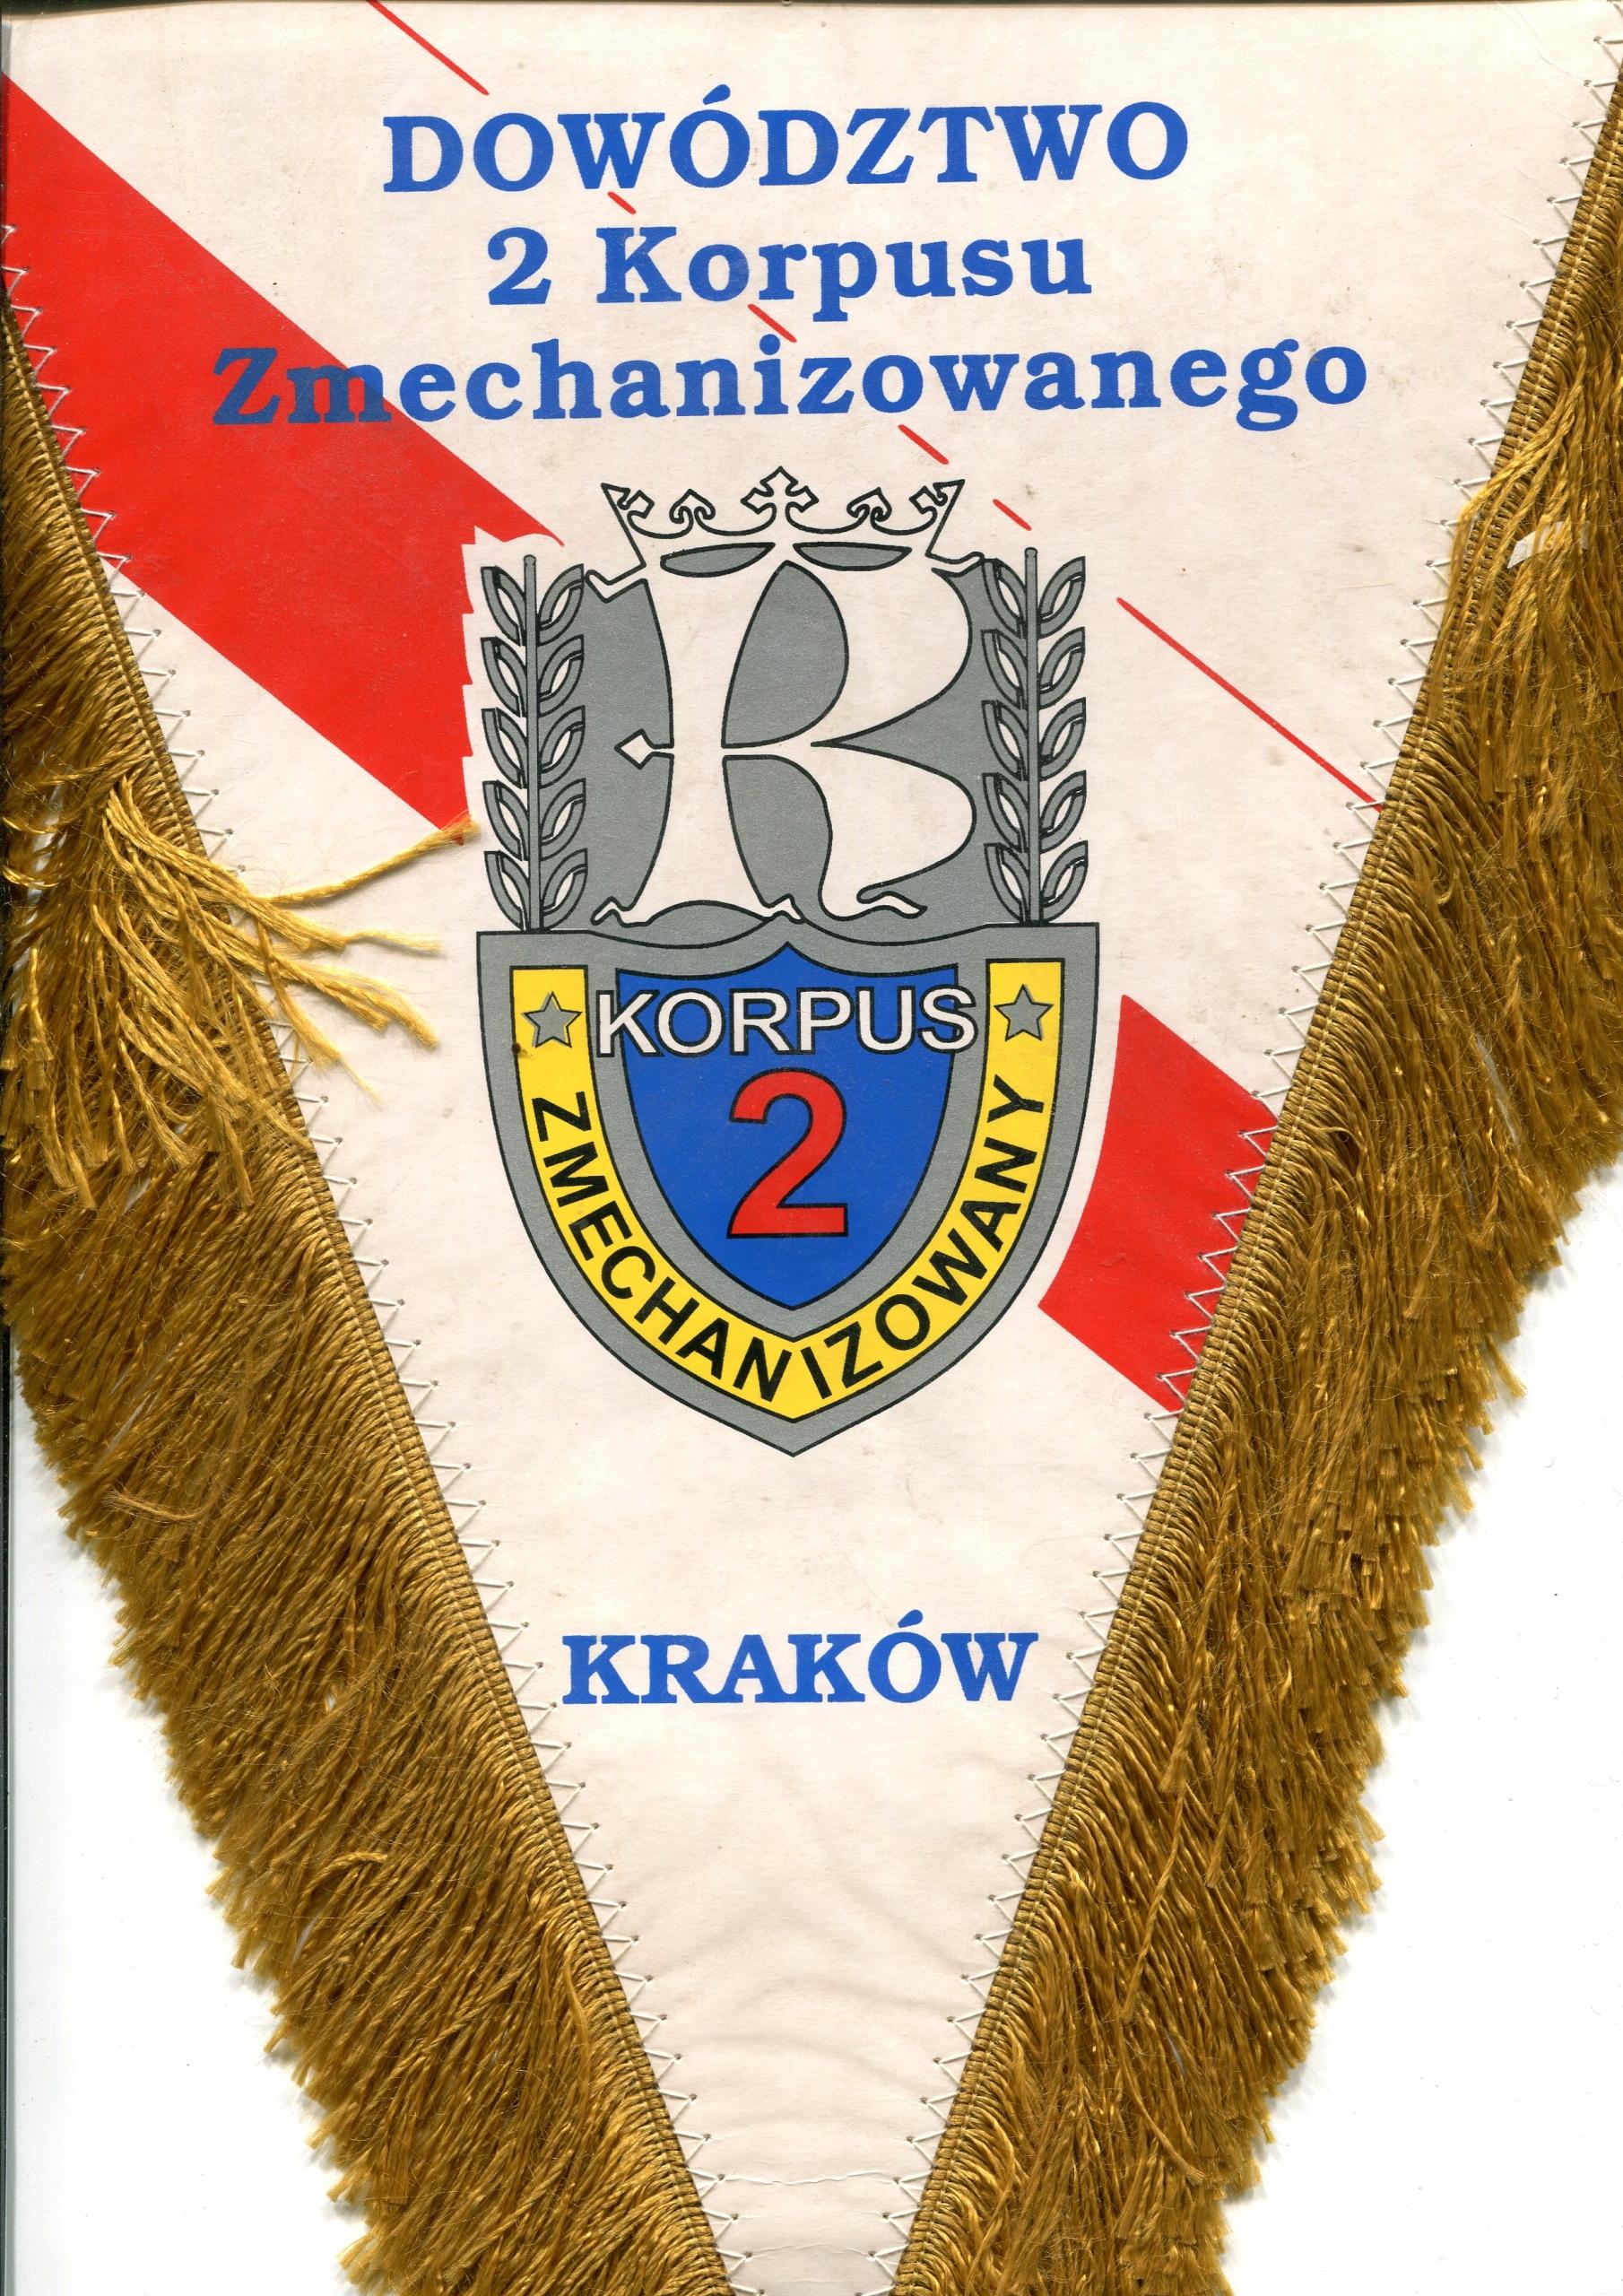 L - Dowództwo 2 Korpusu Zmechanizowanego 23x 33 cm